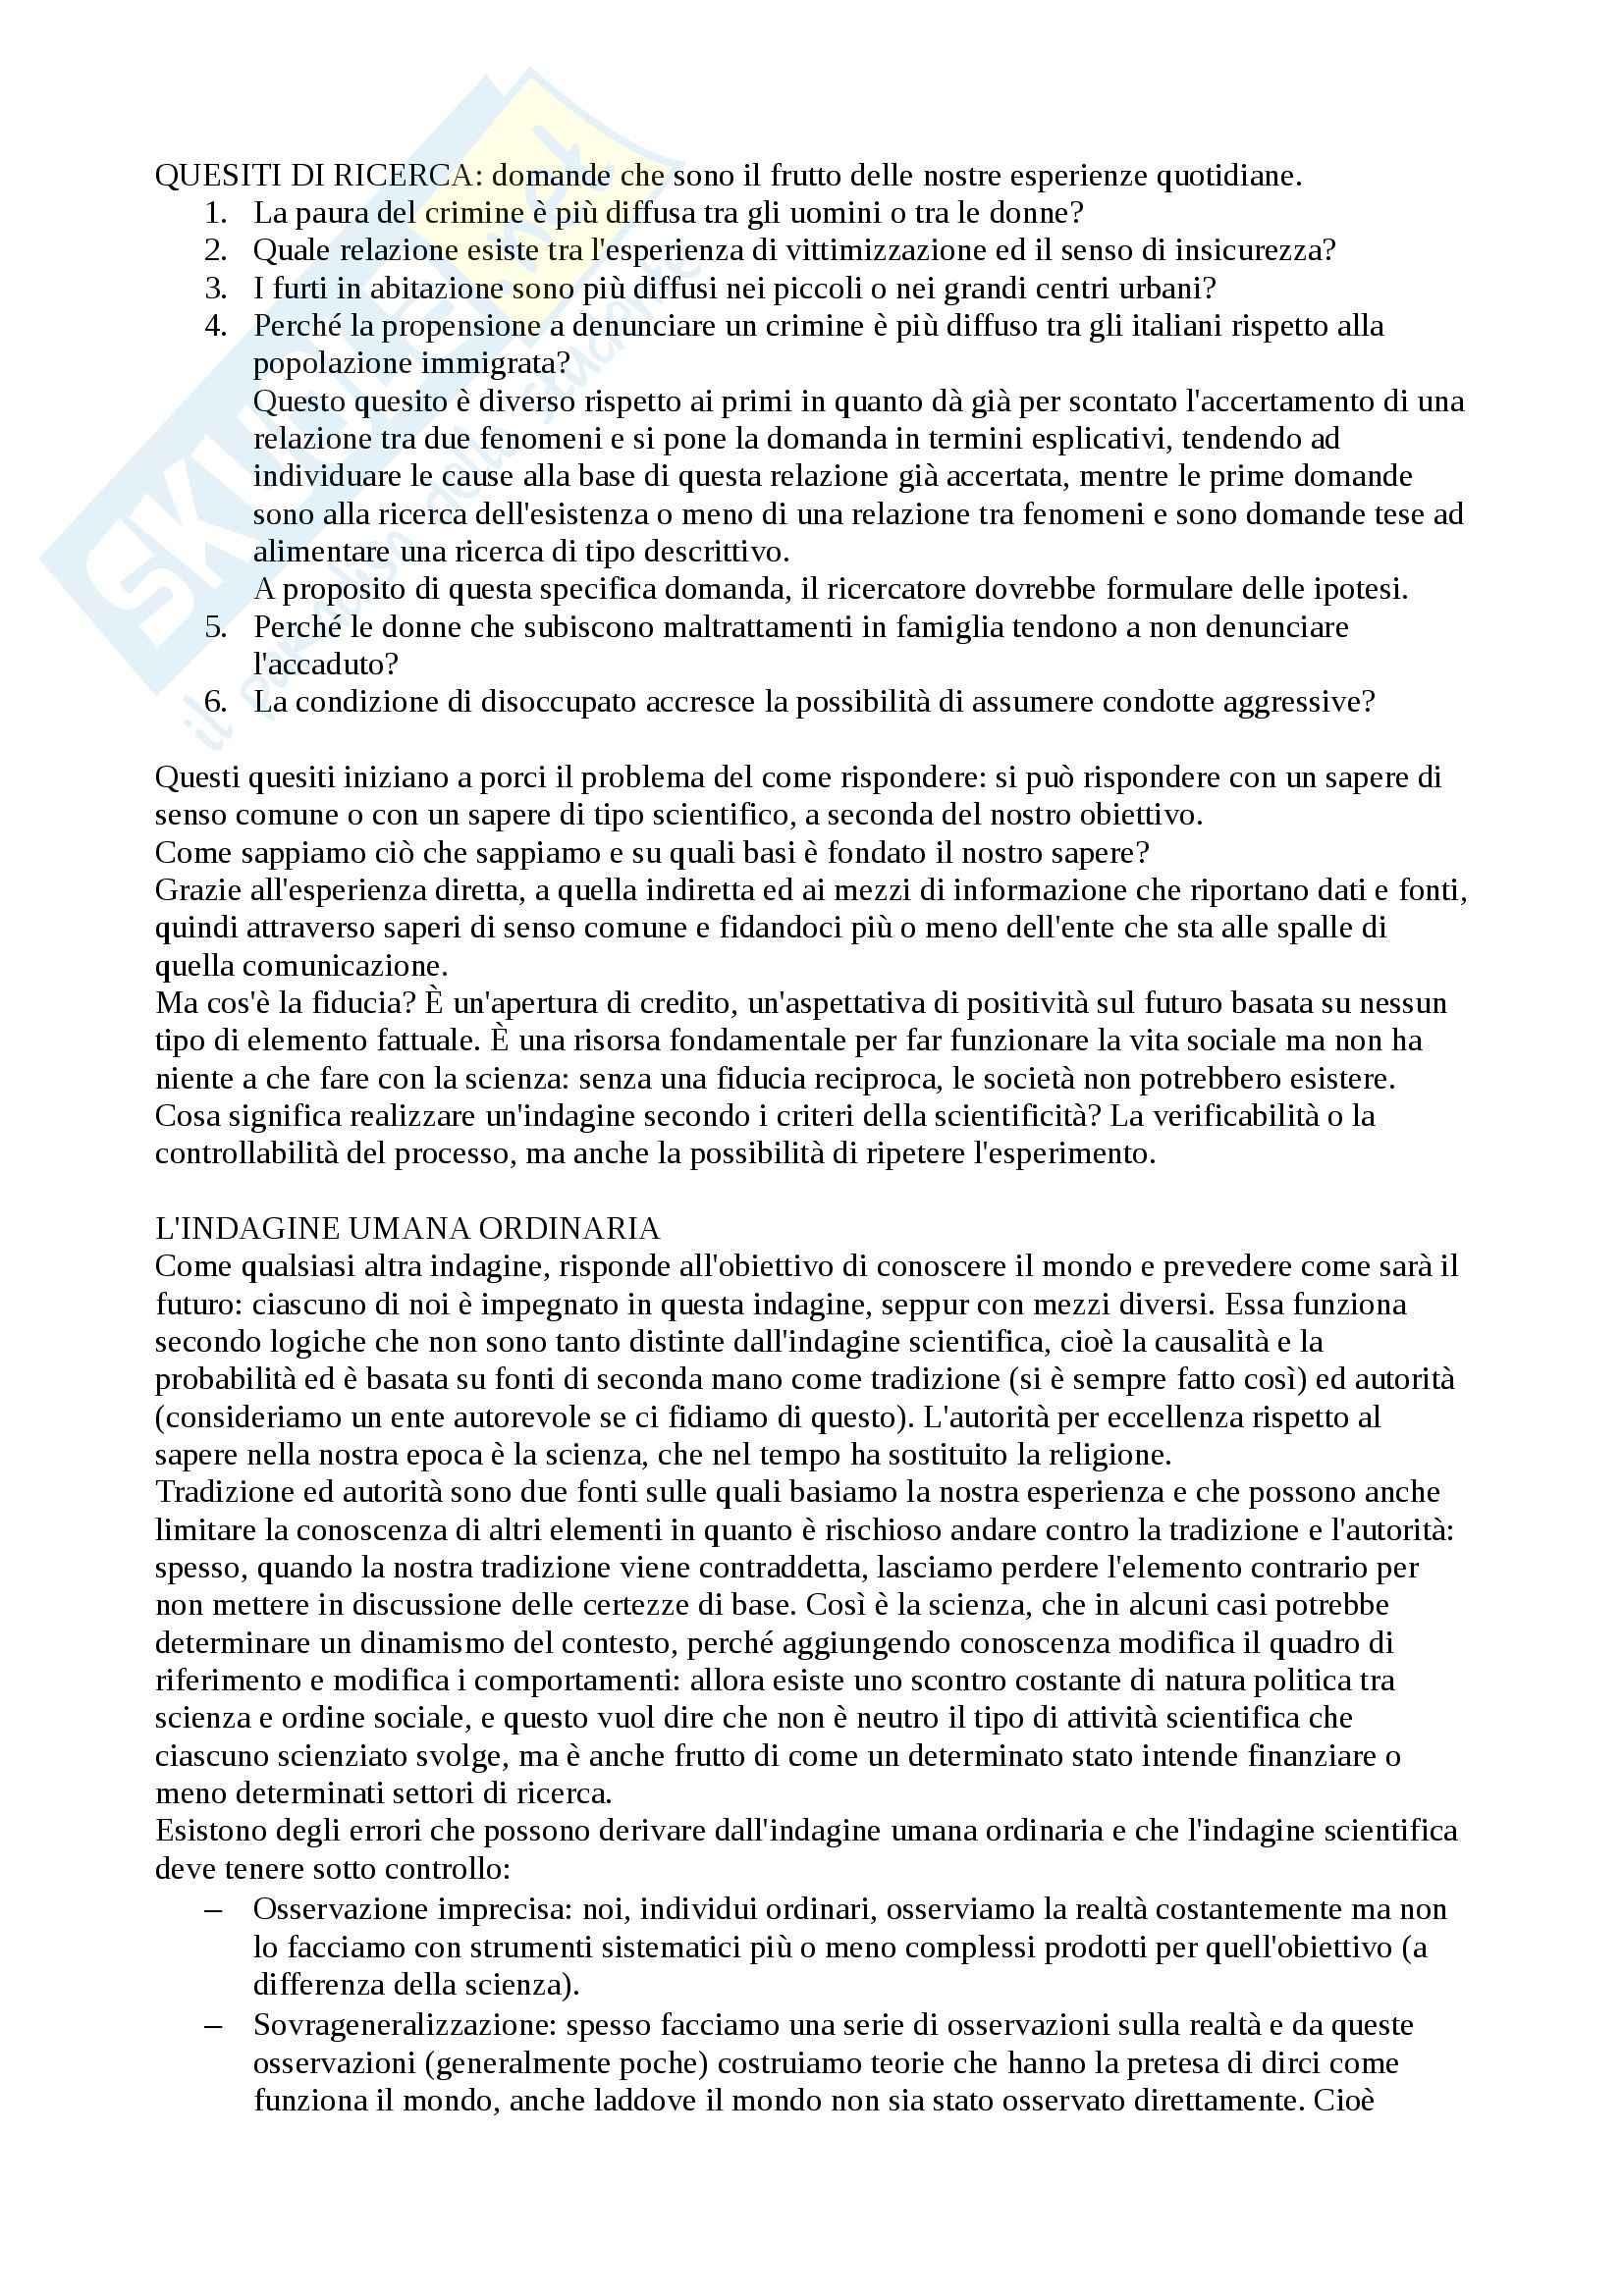 Metodologia della ricerca sociale e dell'indagine criminologica - Appunti Pag. 2